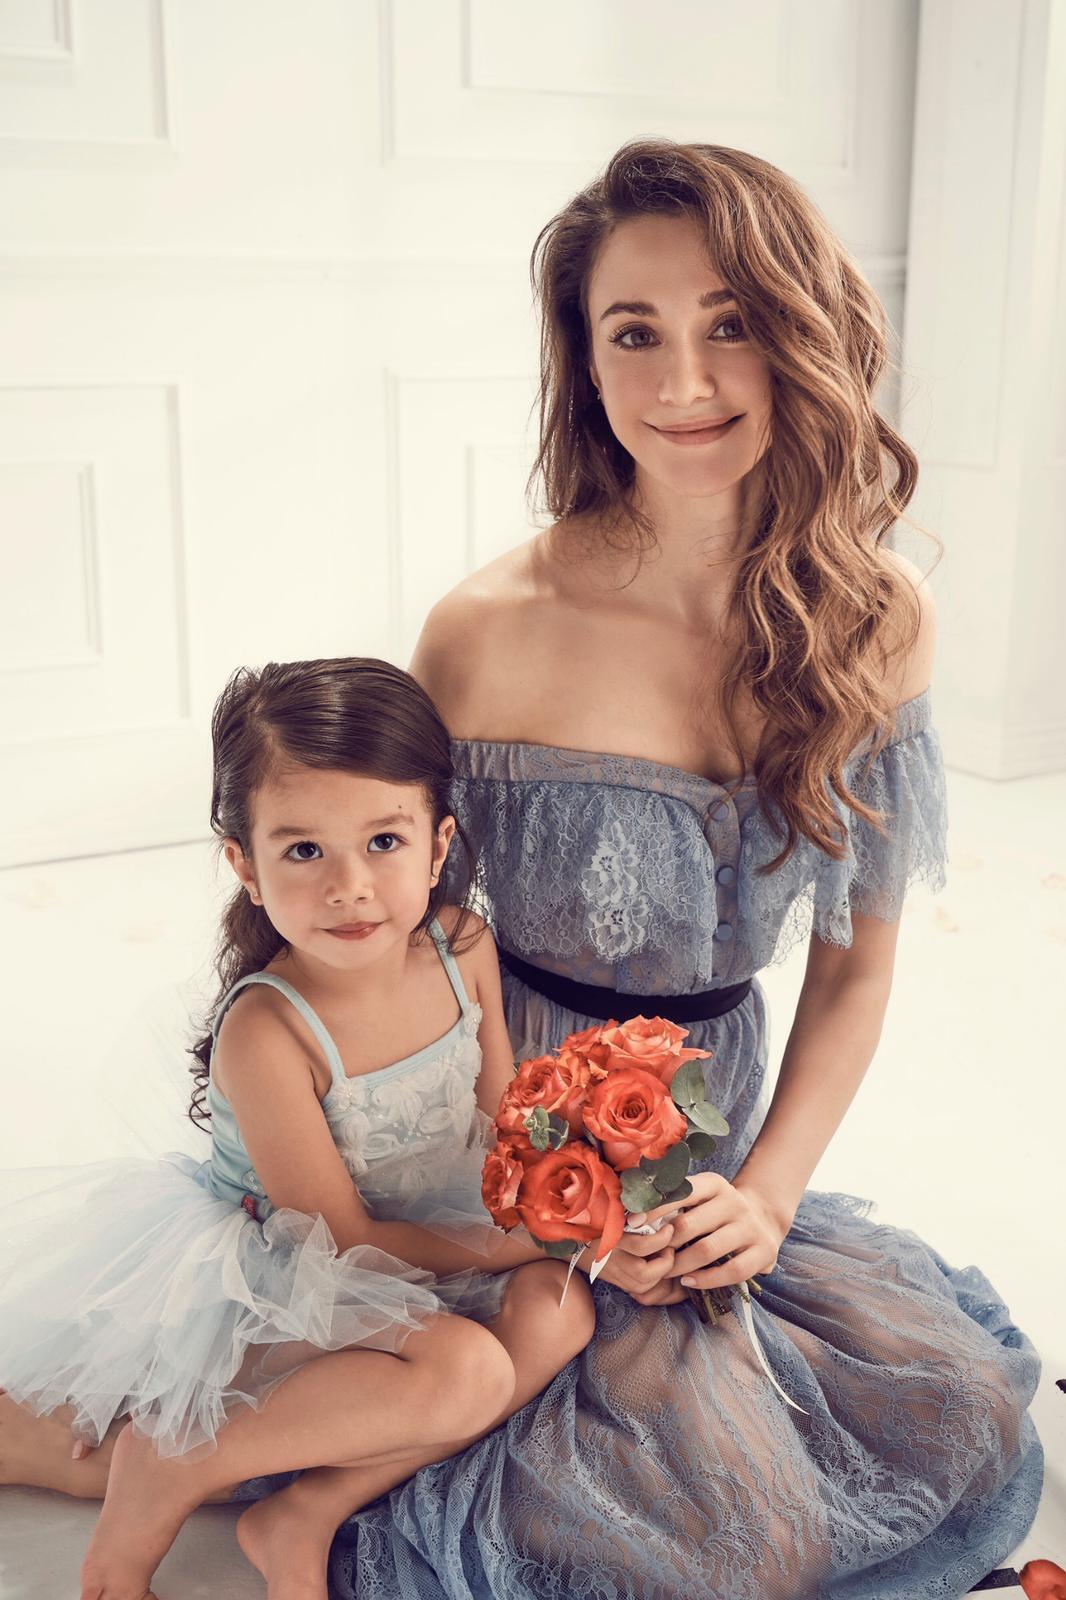 瑞莎和愛女Nika的合照彷彿一幅美麗的畫作。